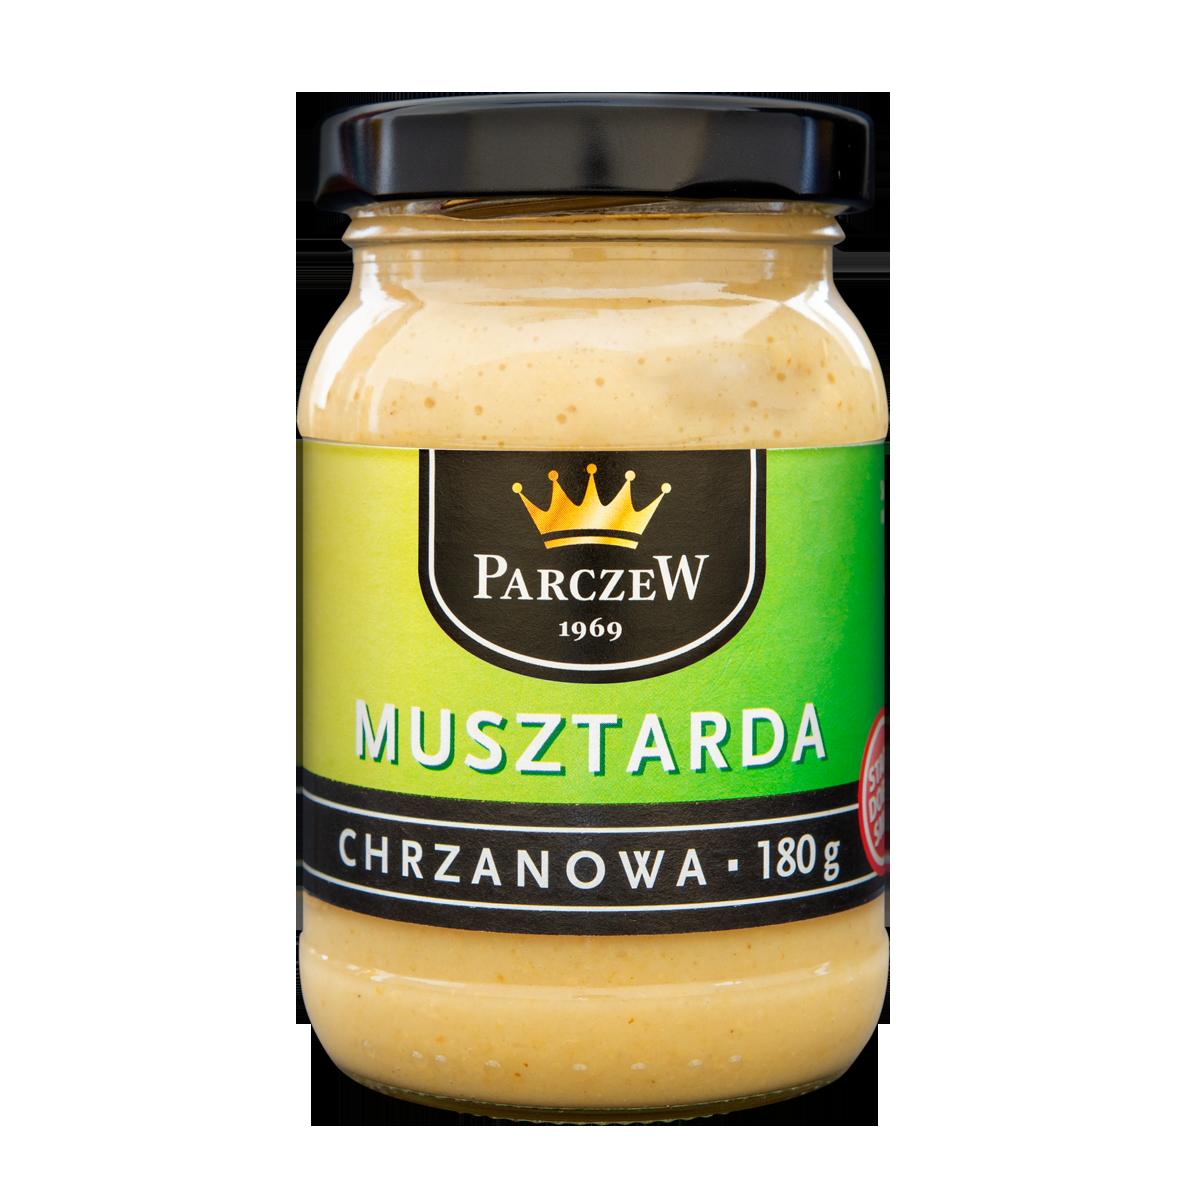 Musztarda_Chrzanowa